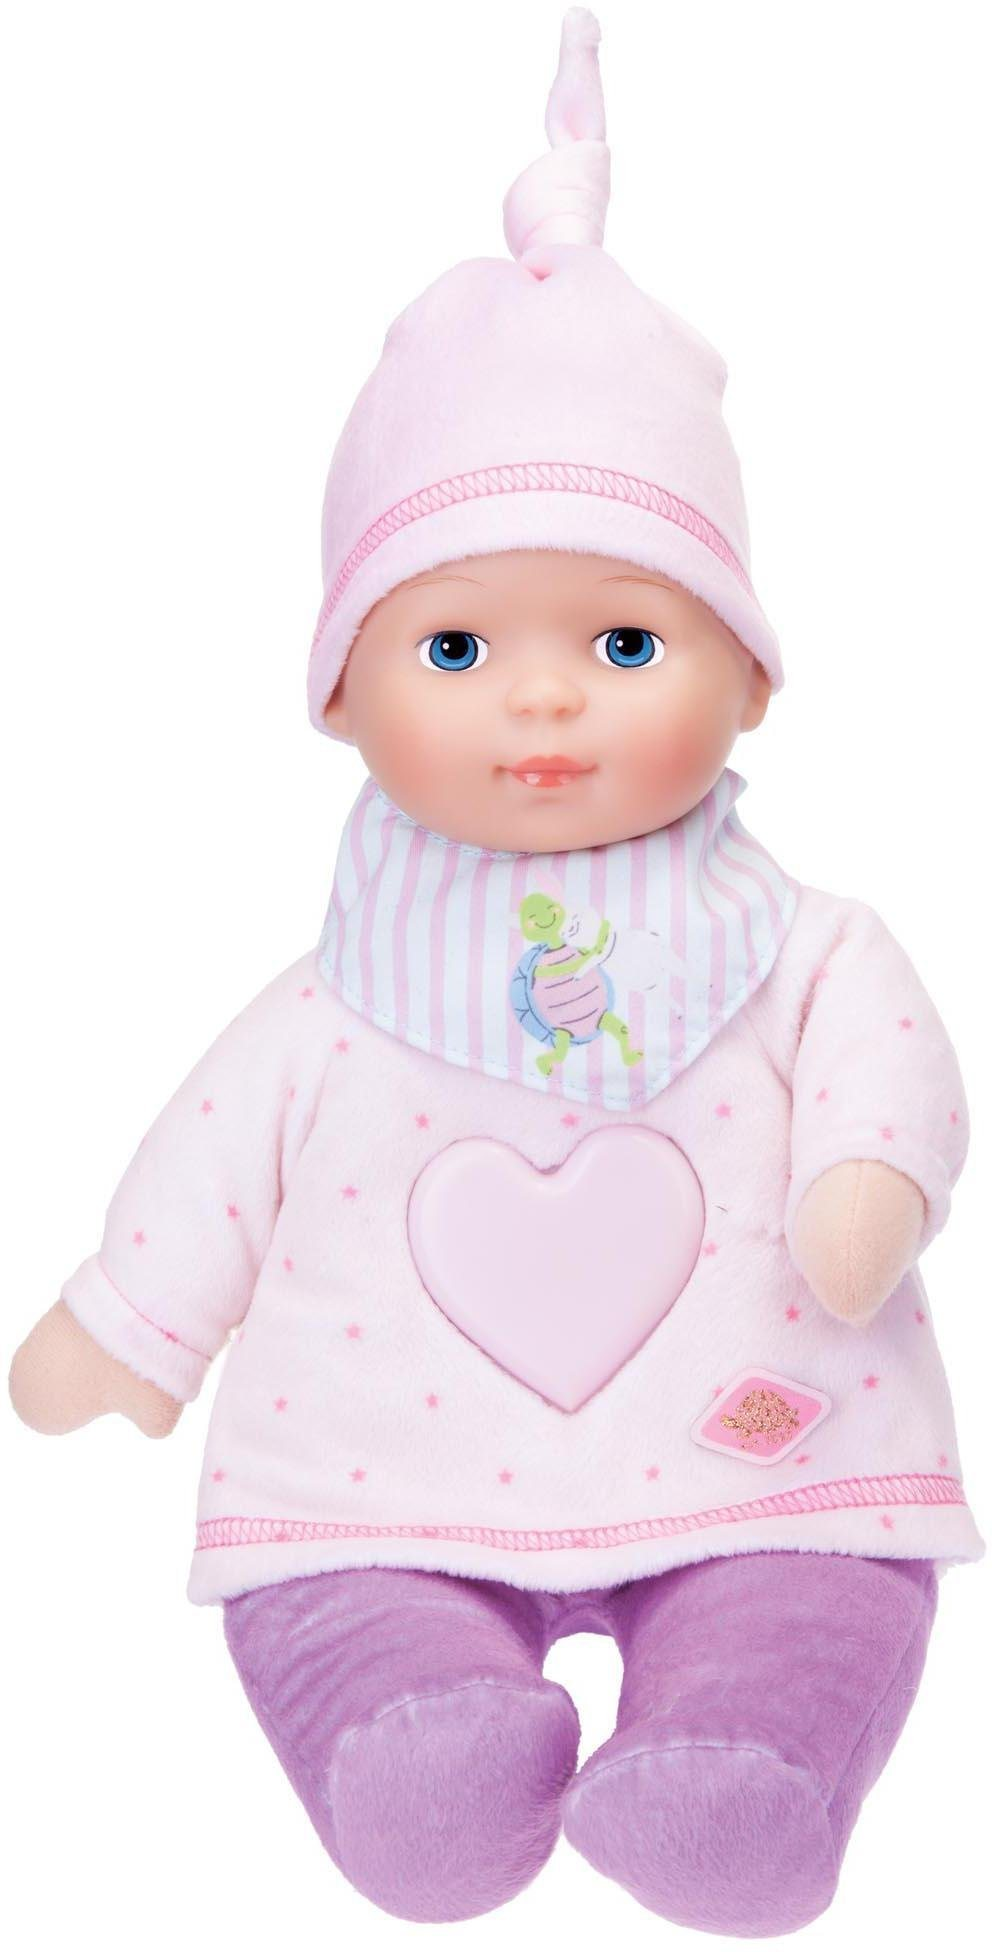 Schildkröt Baby Puppe mit Musik und Licht, »Baby Girl mit Musik und Licht«